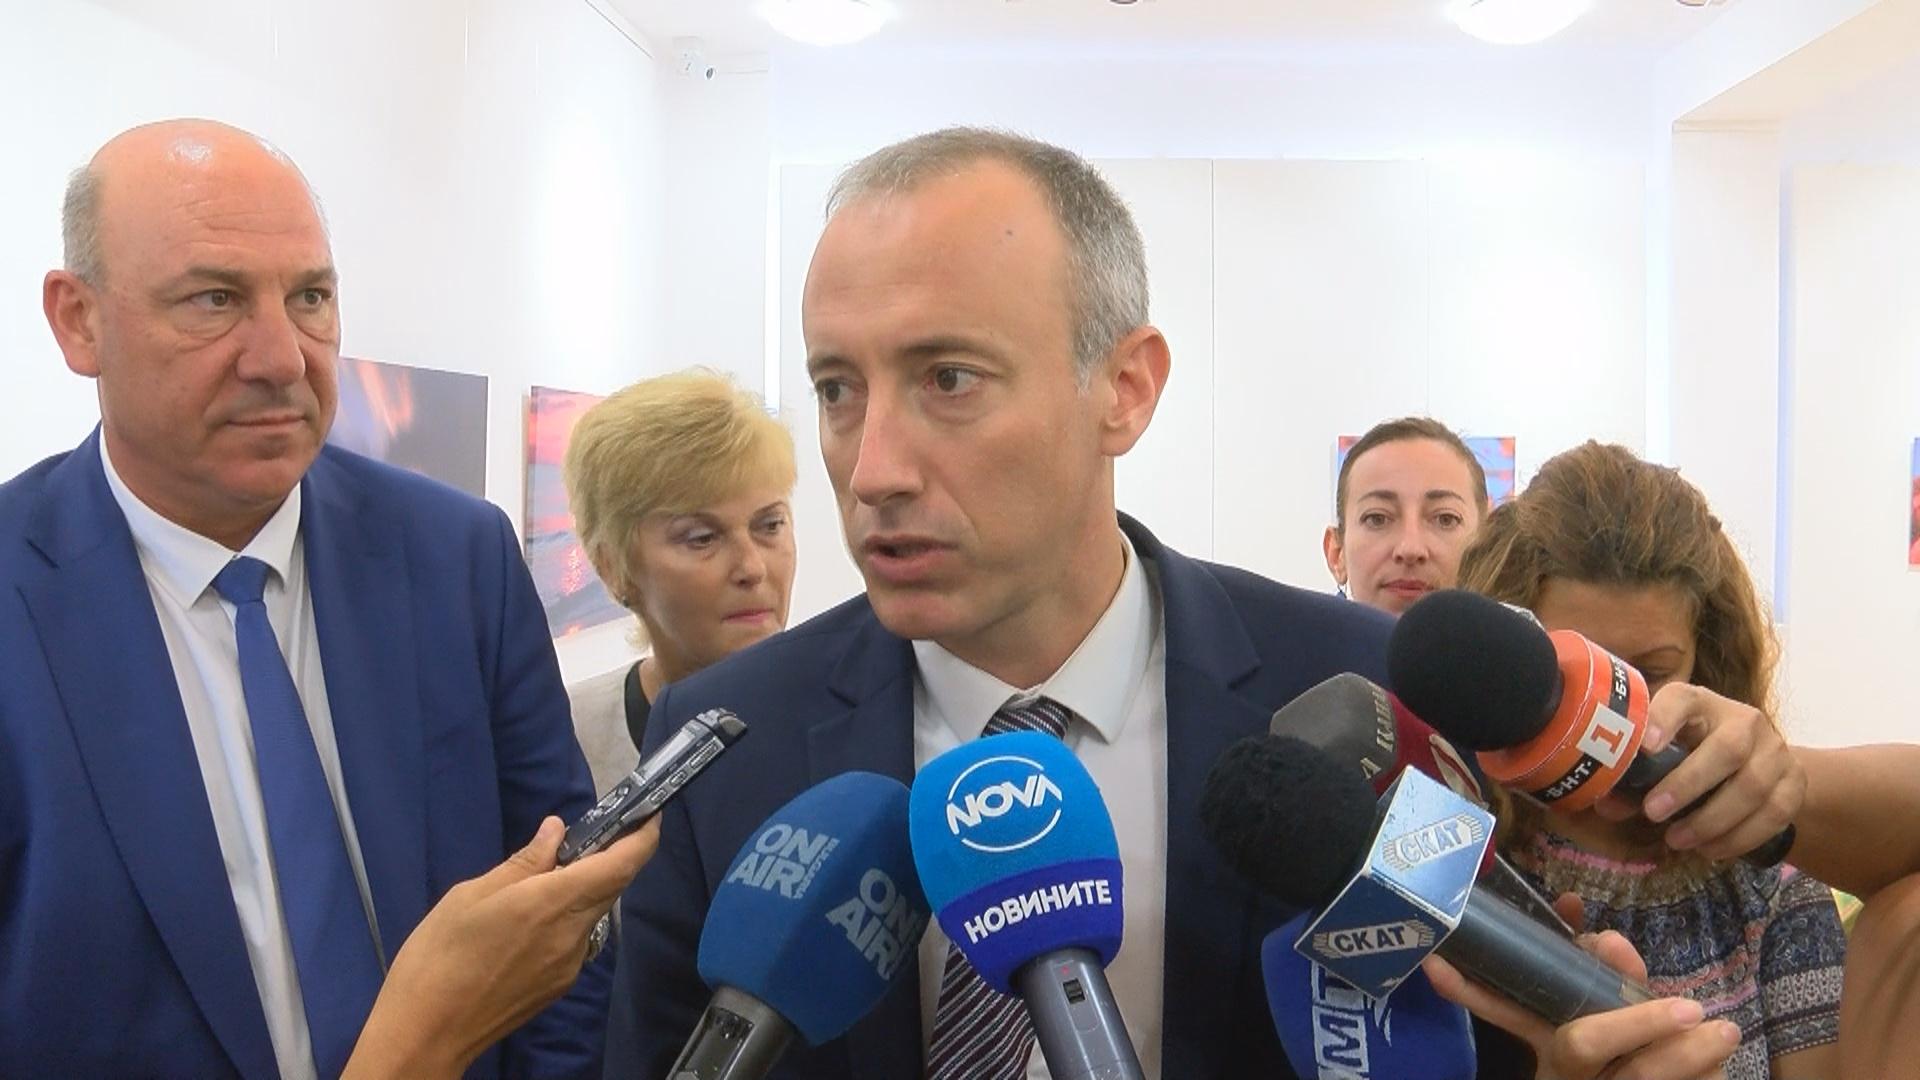 Просветният министър в Поморие: Няма учители, но мерките сработват